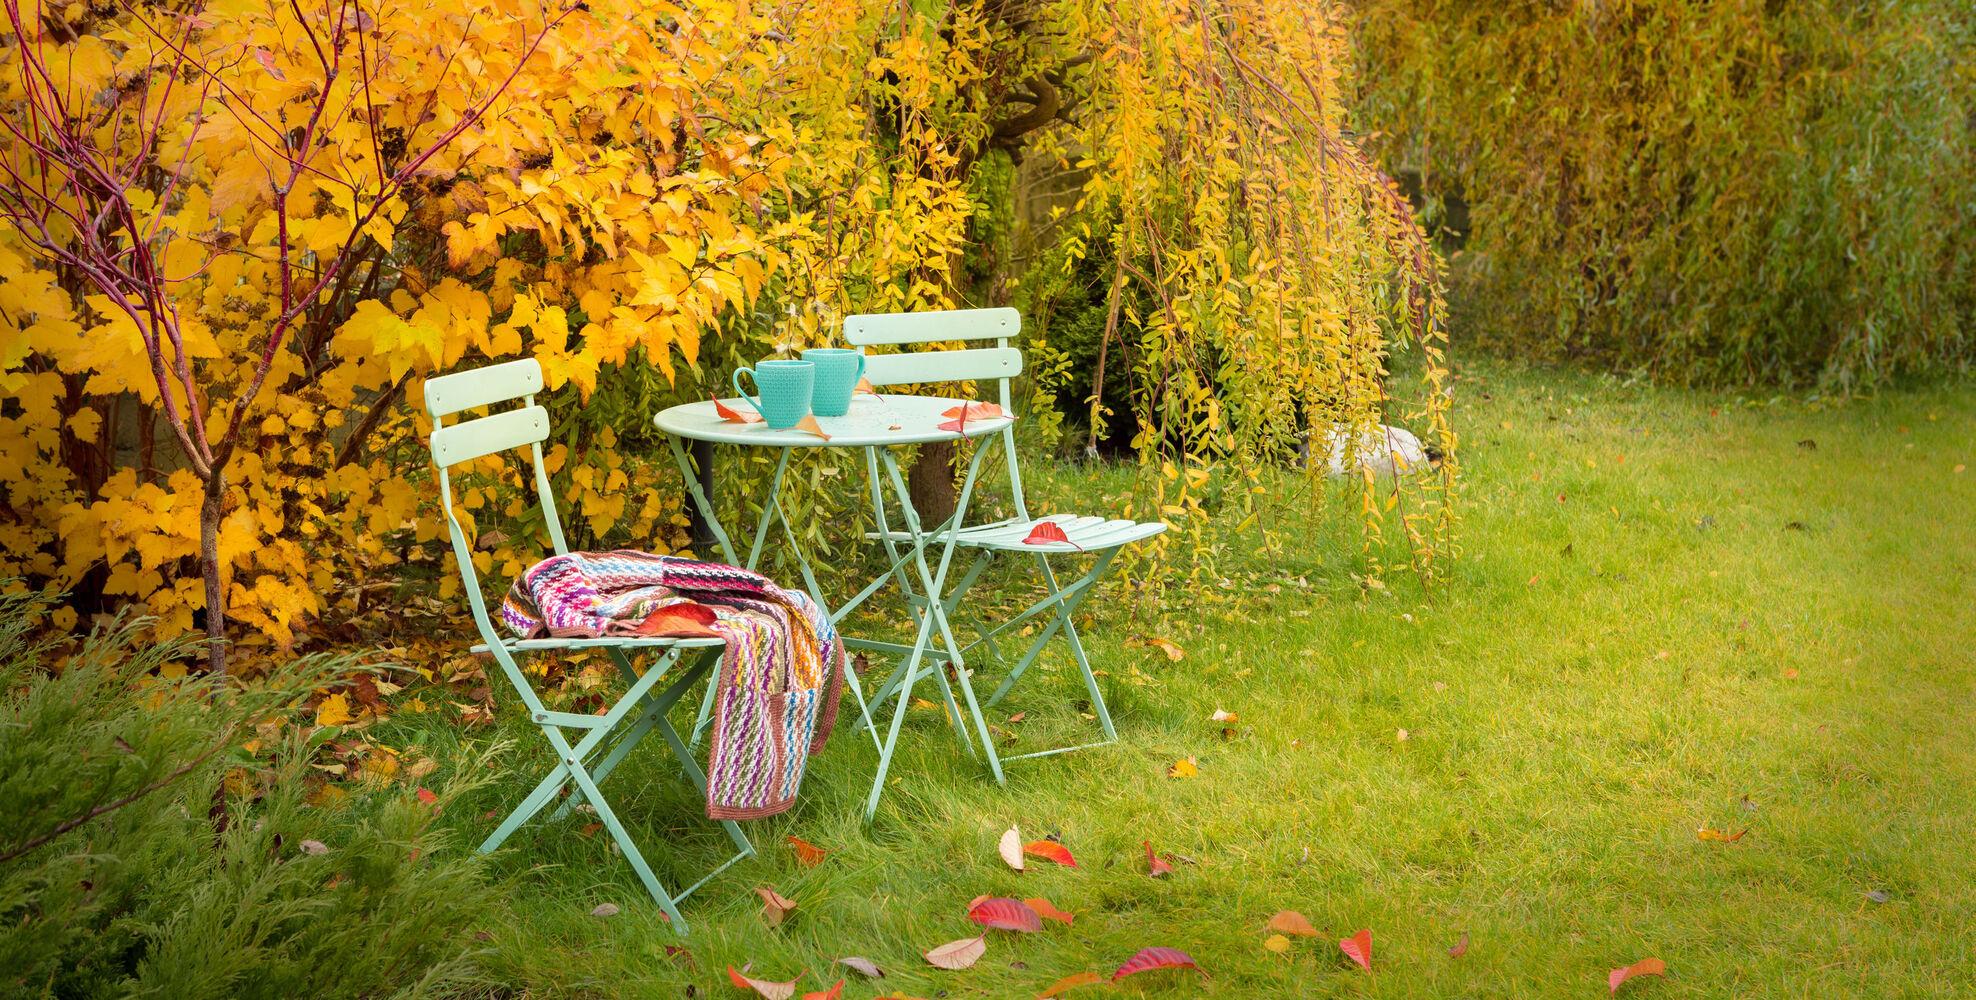 Cómo cuidar tu jardín en otoño